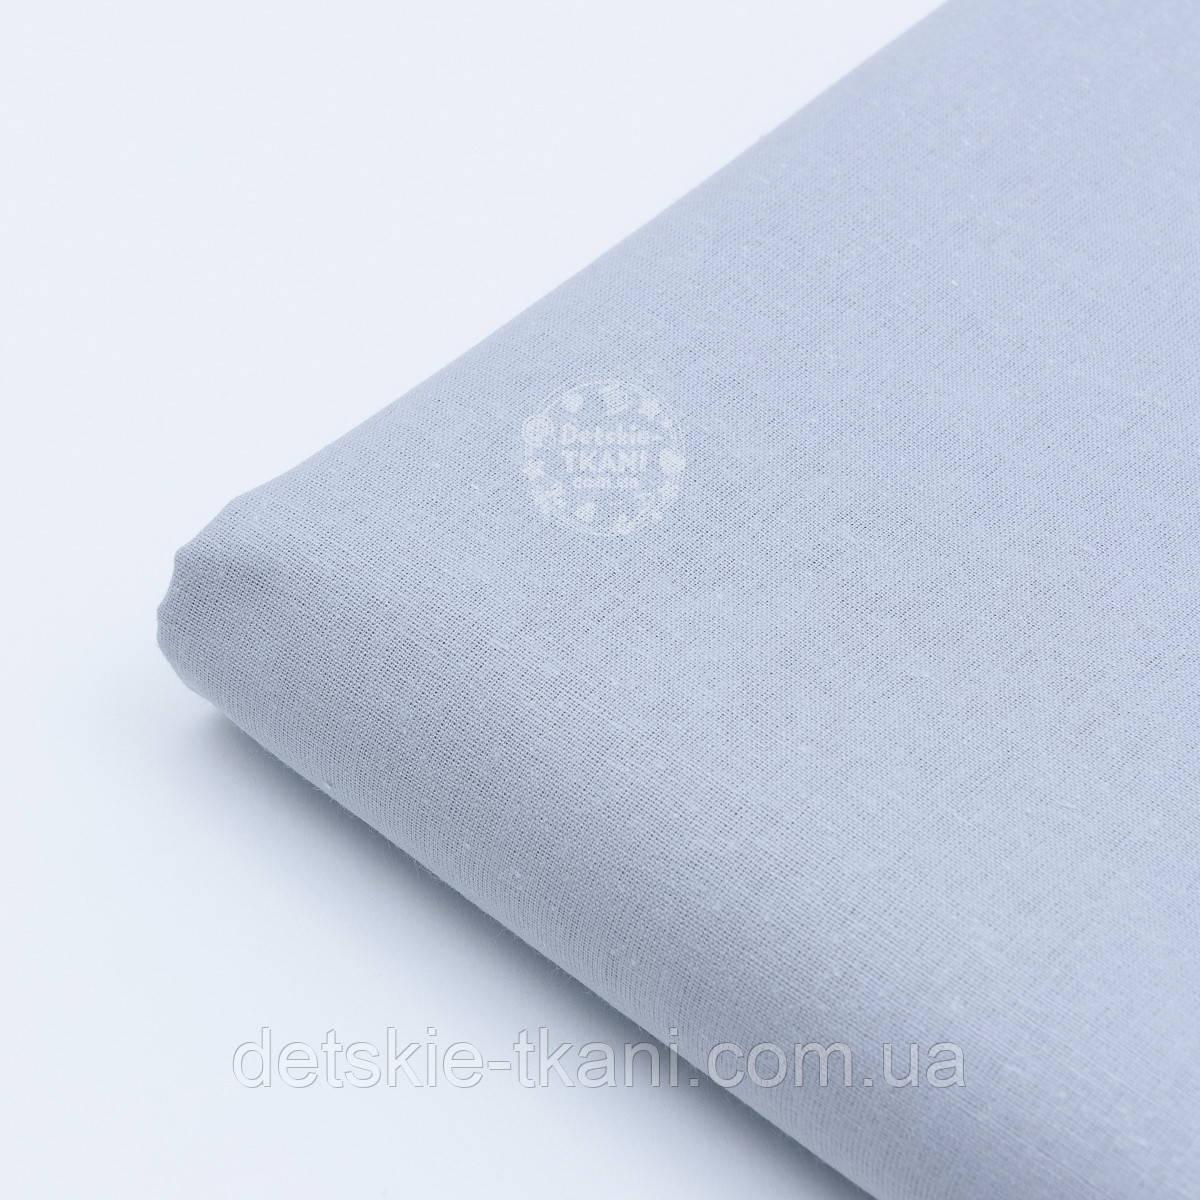 """Клапоть тканини колір сіра """"класика"""", щільність 135 г/м2 №1846"""